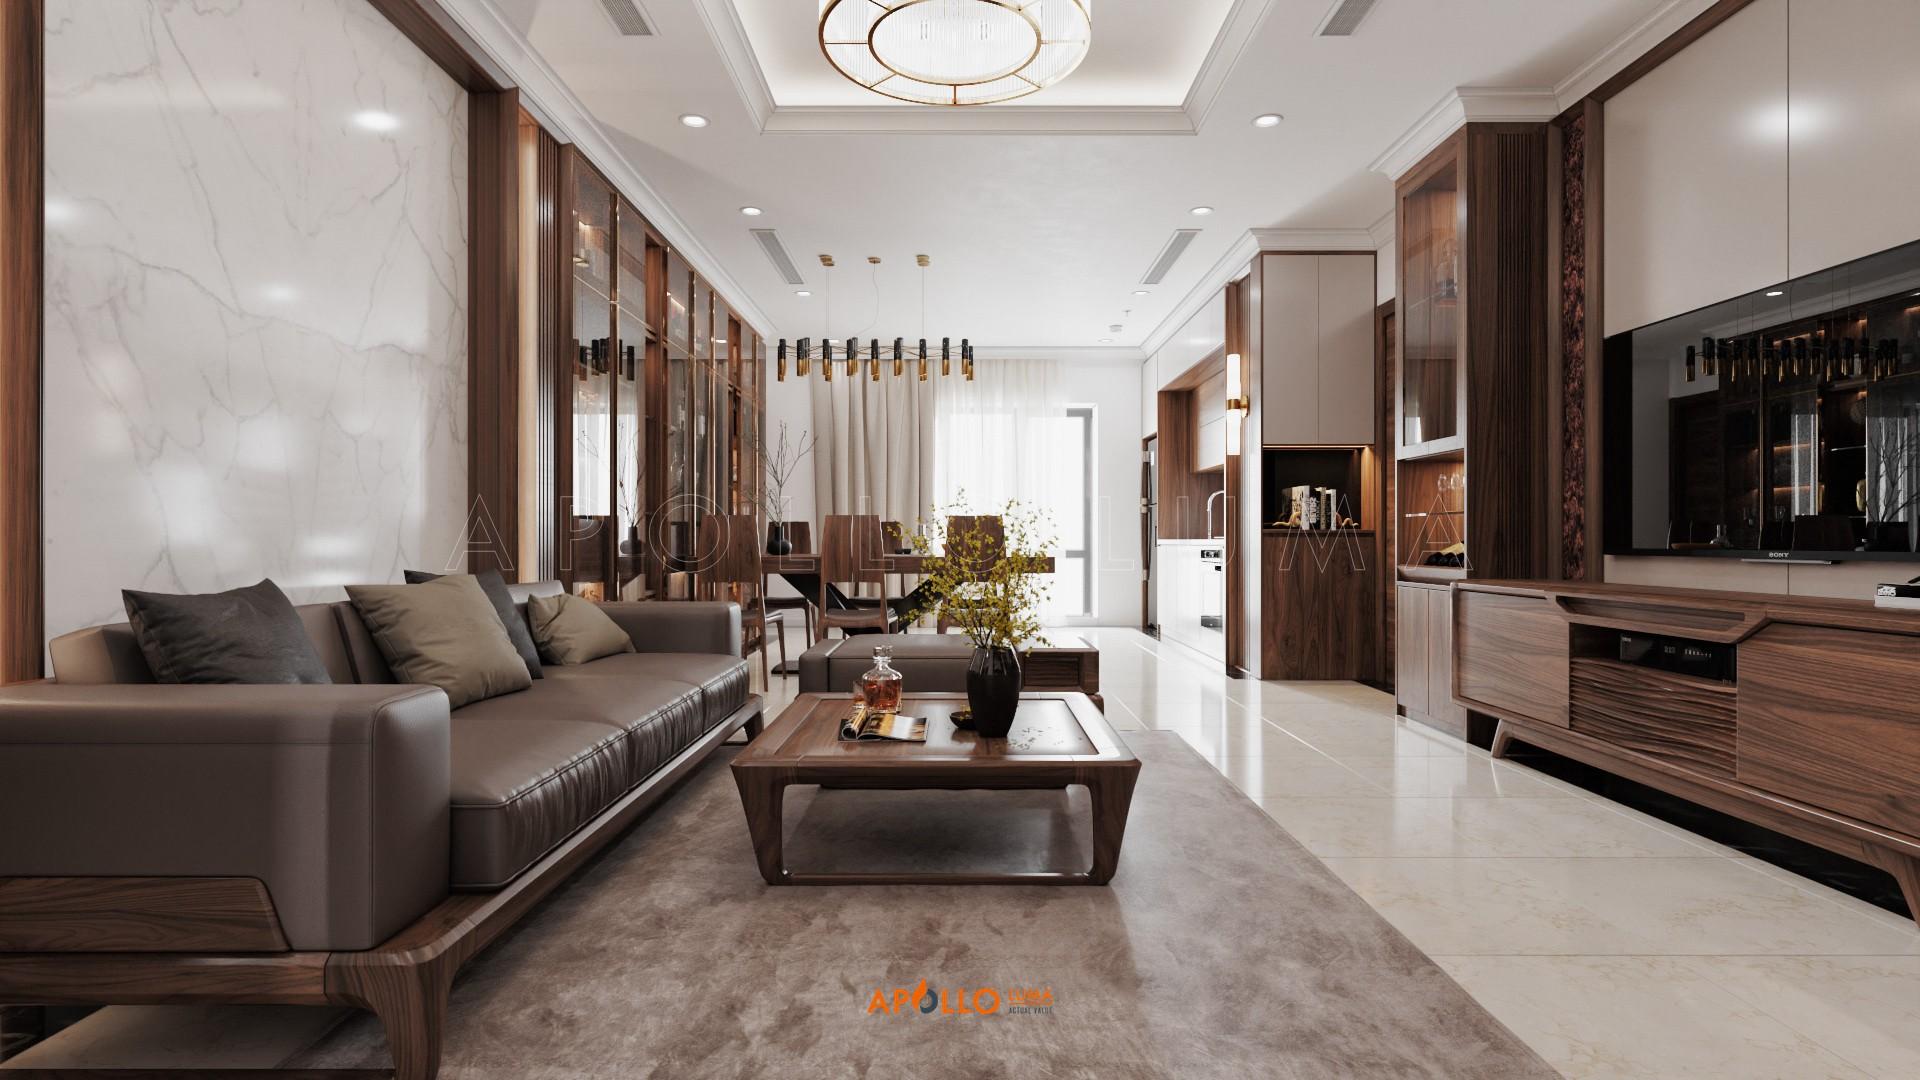 Thiết kế phòng khách gỗ óc chó sang trọng tại biệt thự Long Biên Hà Nội